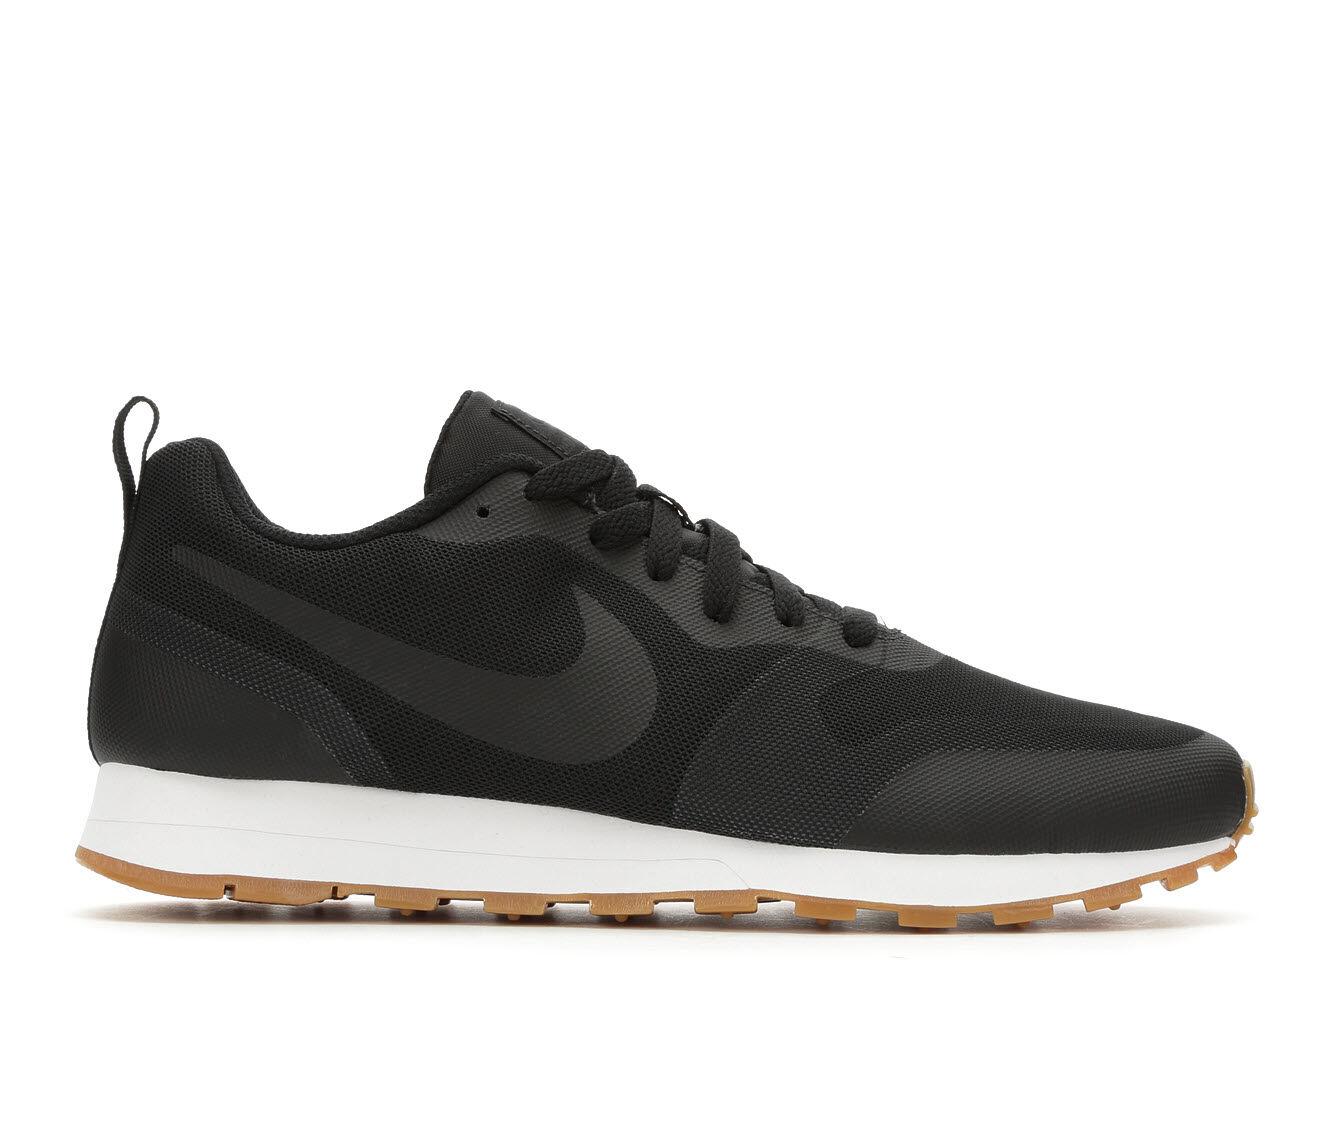 Men's Nike MD Runner 2 19 Sneakers Blk/Wht/Gum 001